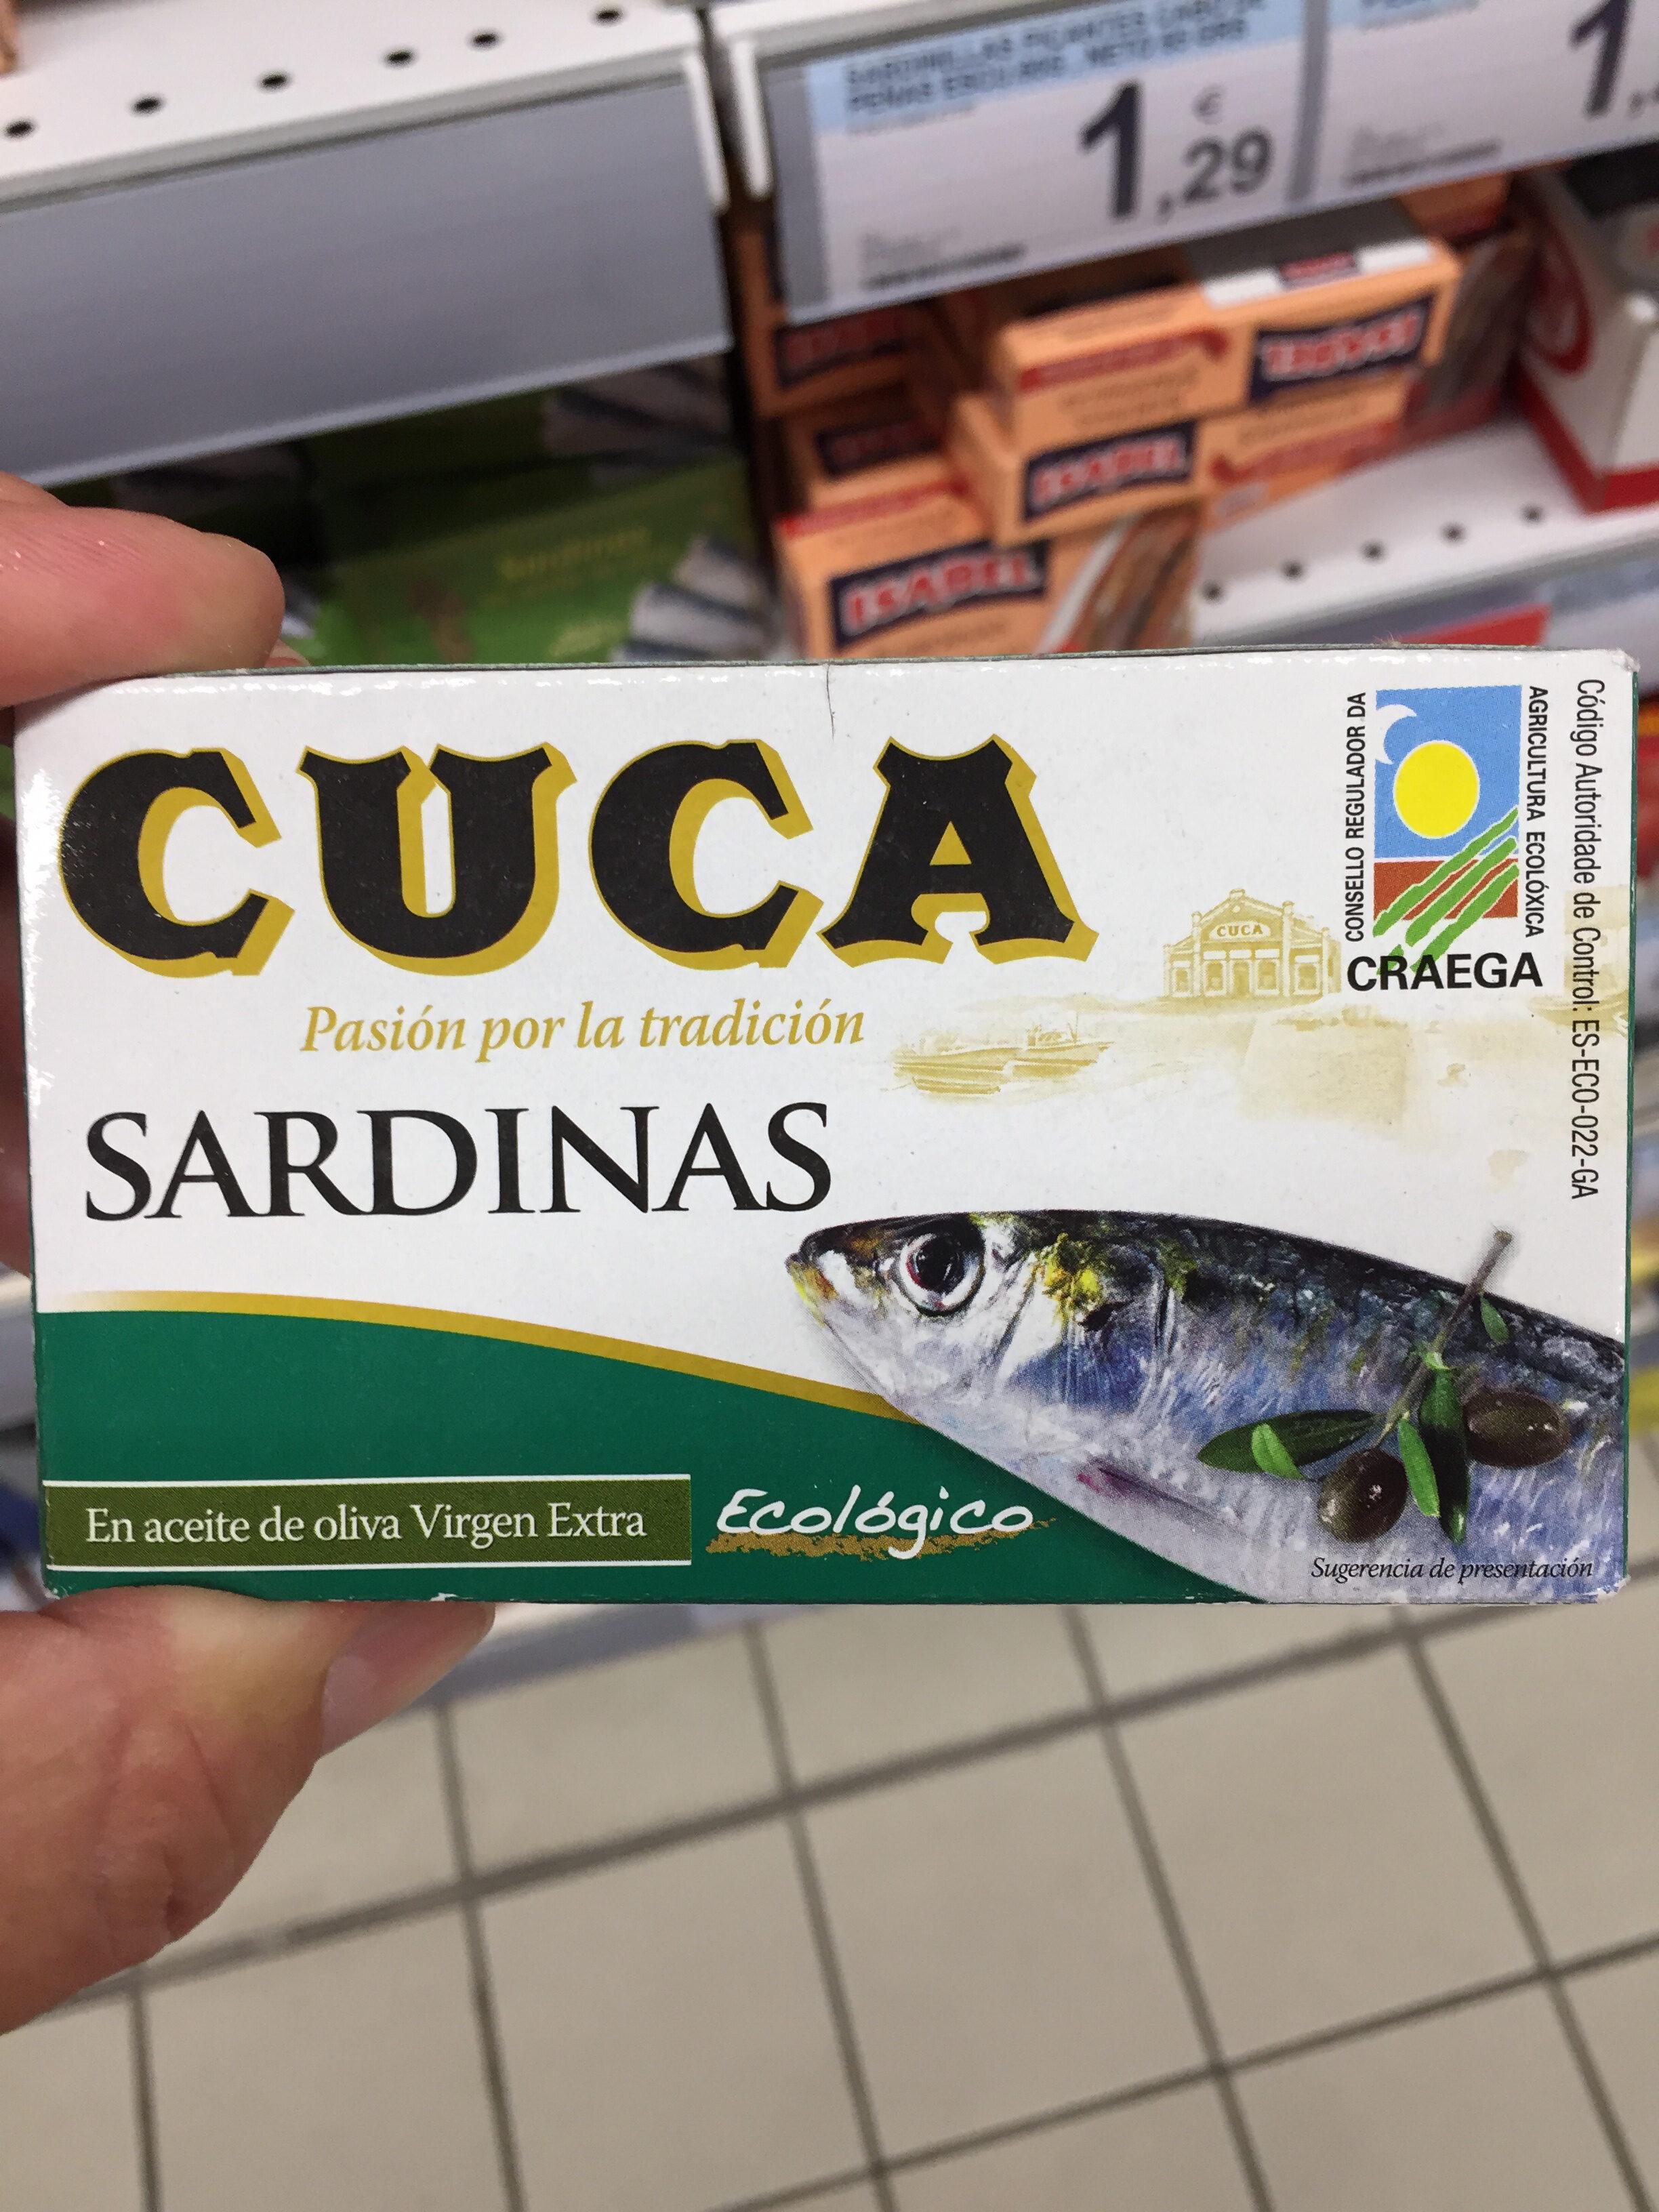 Sardinas Con Aceite De Oliva Virgen Extra Ecológico Cuca - Producte - fr